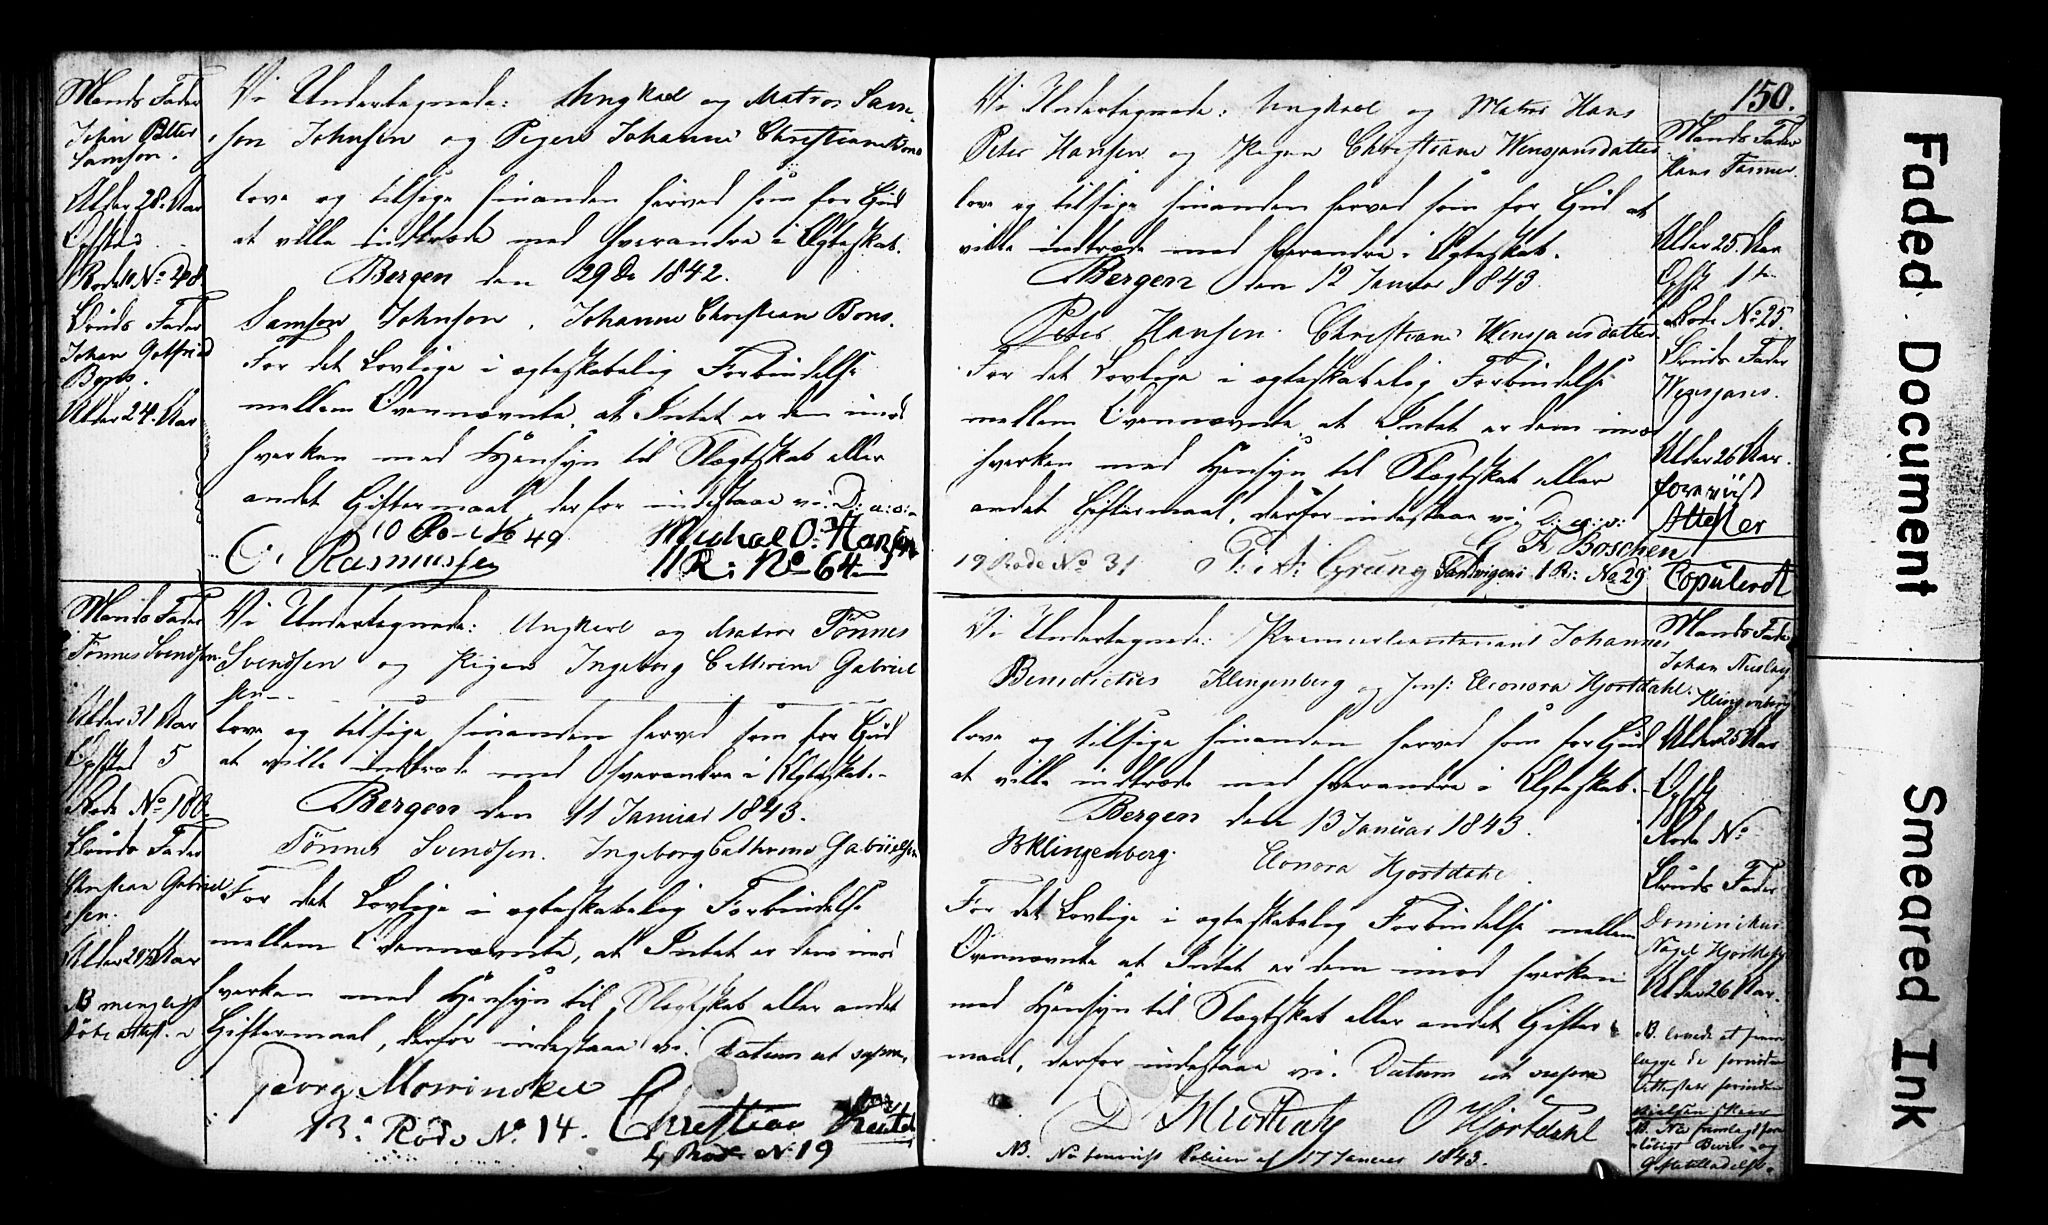 SAB, Domkirken Sokneprestembete, Forlovererklæringer nr. II.5.3, 1832-1845, s. 150